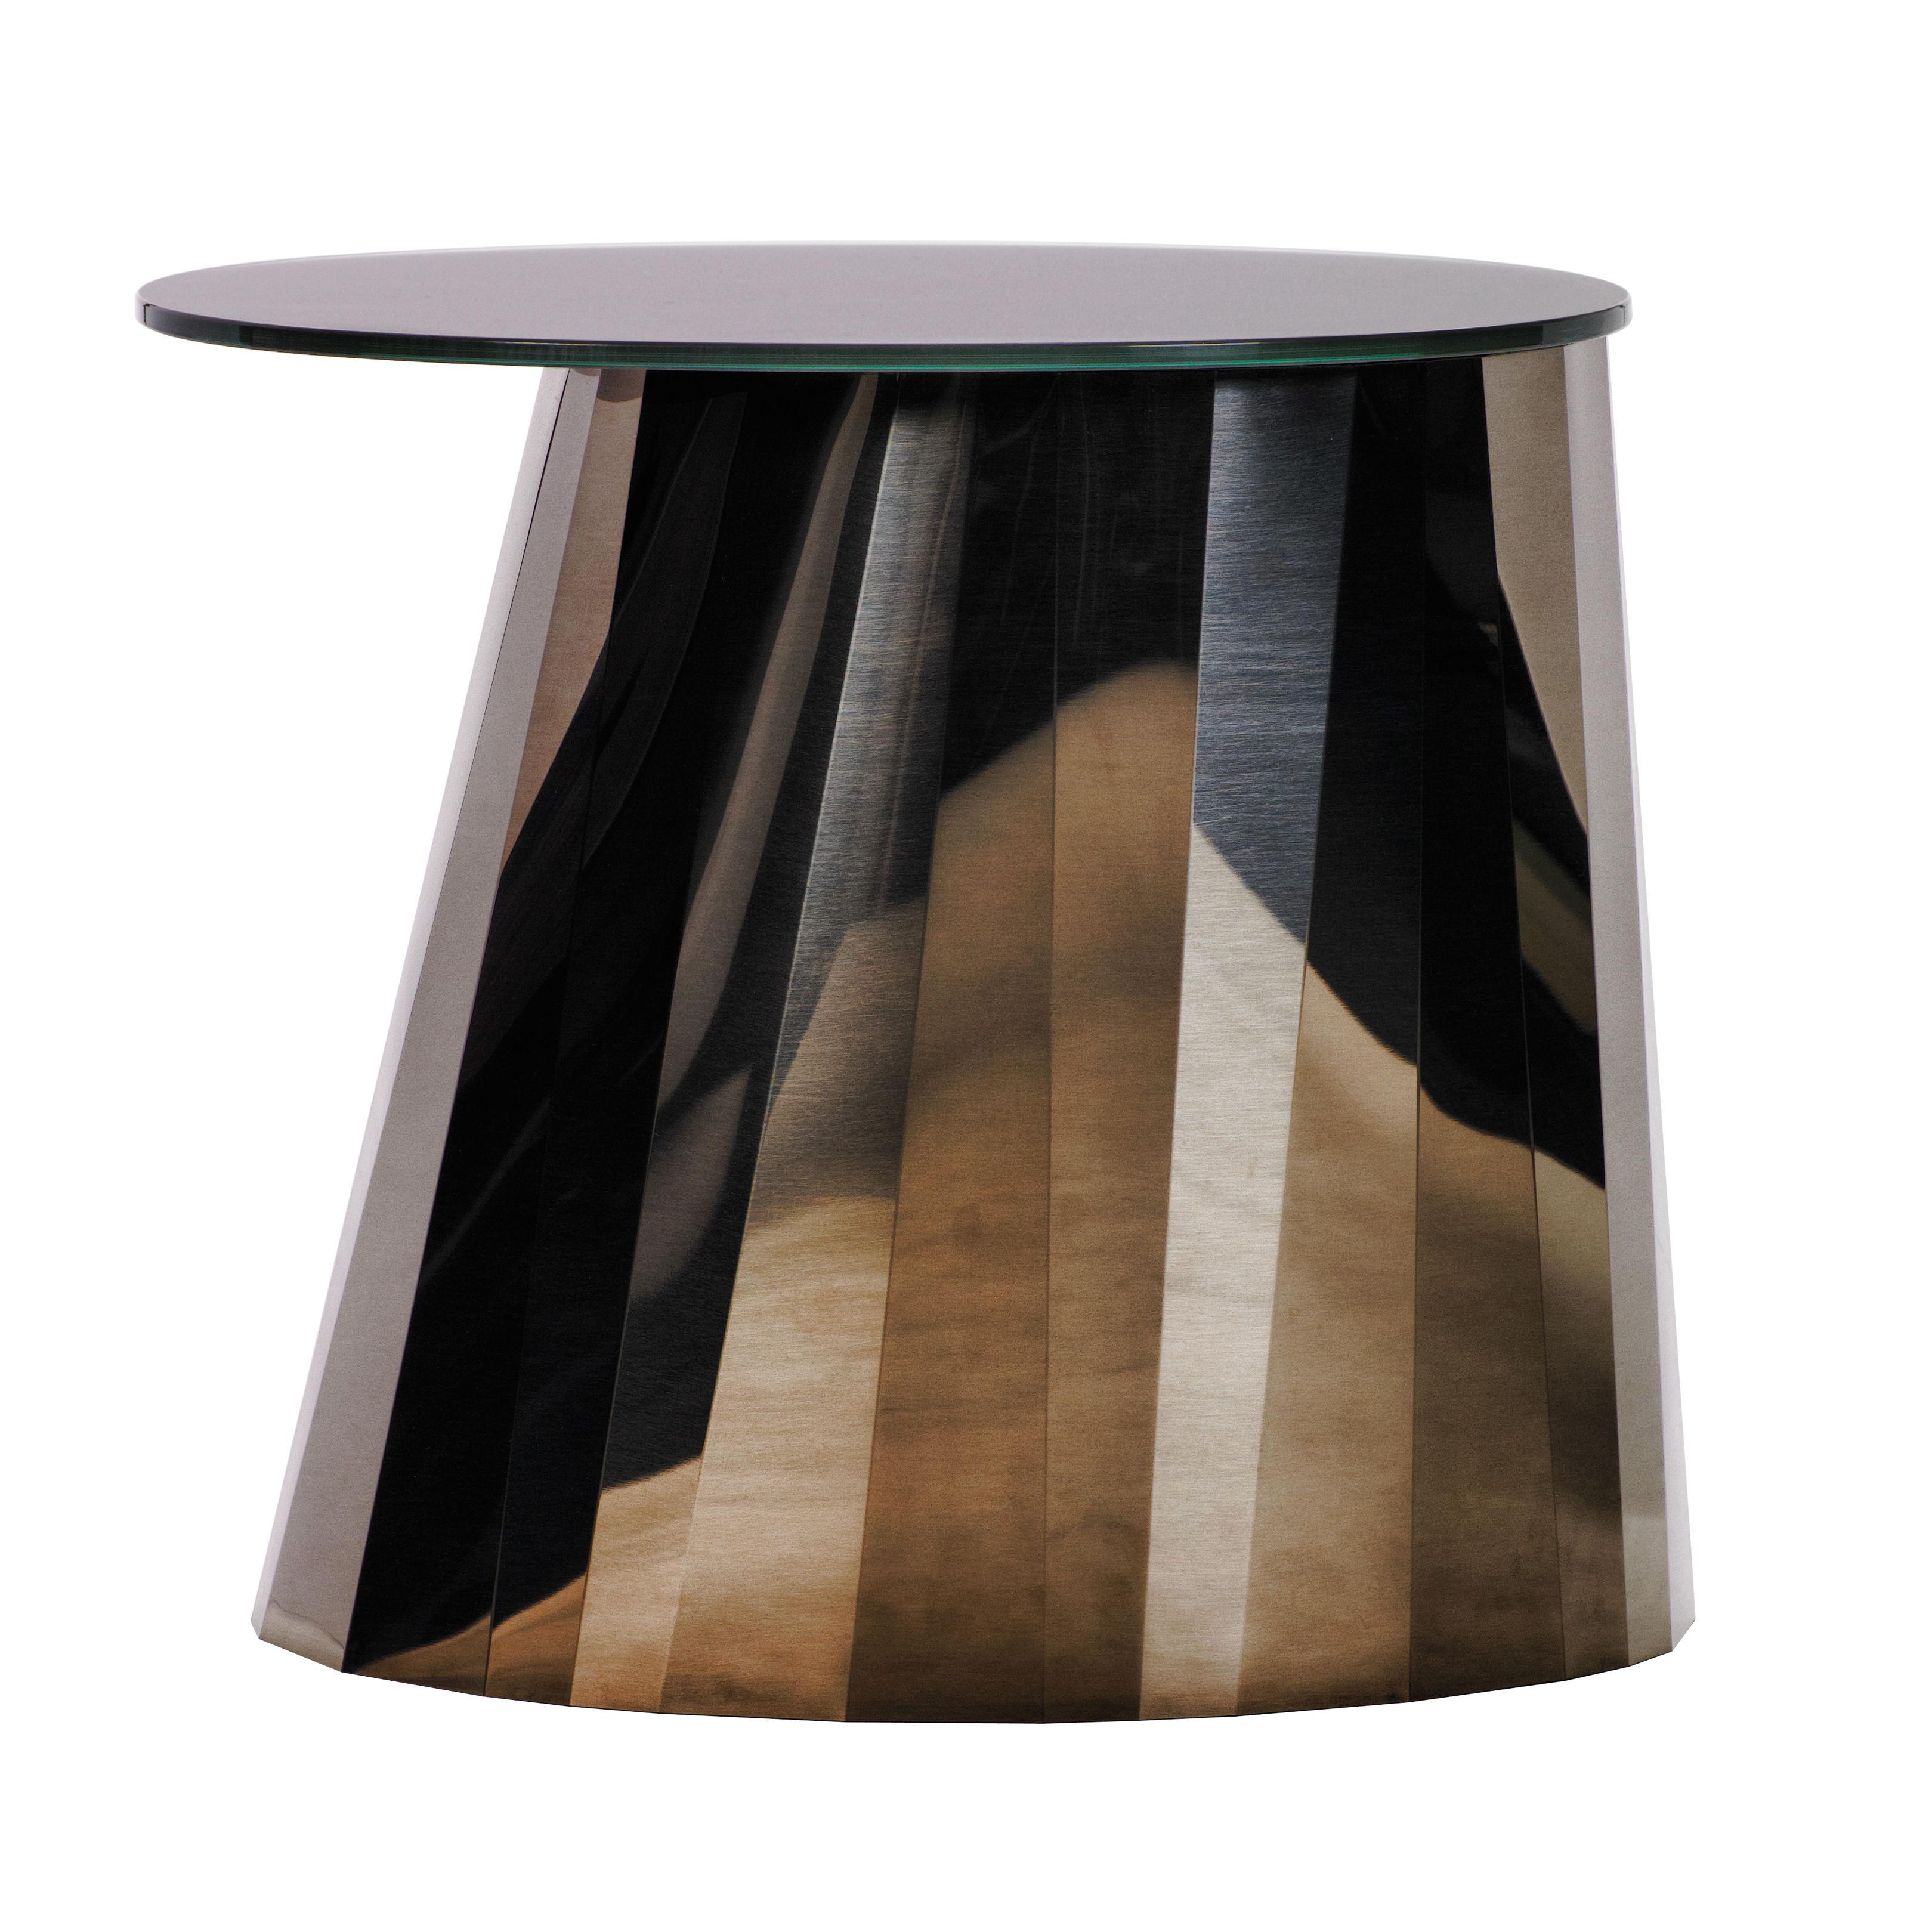 Mobilier - Tables basses - Table d'appoint Pli / H 48 cm - Métal & verre - ClassiCon - Bronze métallisé - Acier inoxydable, Verre laqué